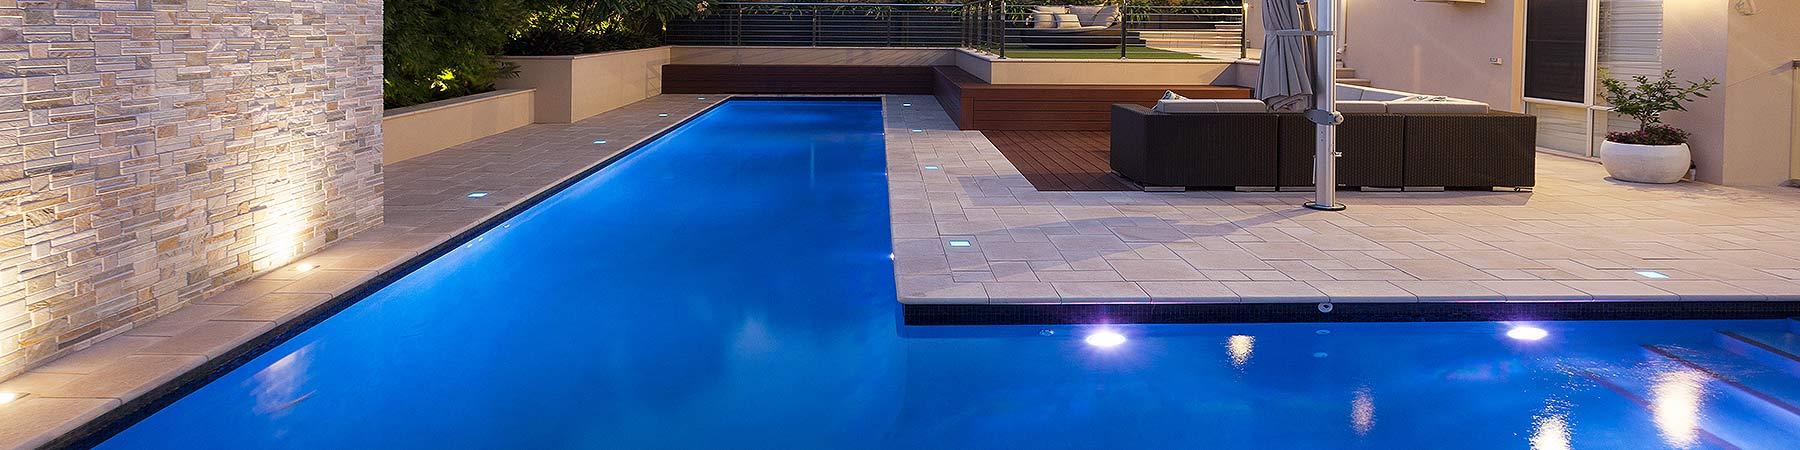 Concrete-Lap-Pool-Floreat